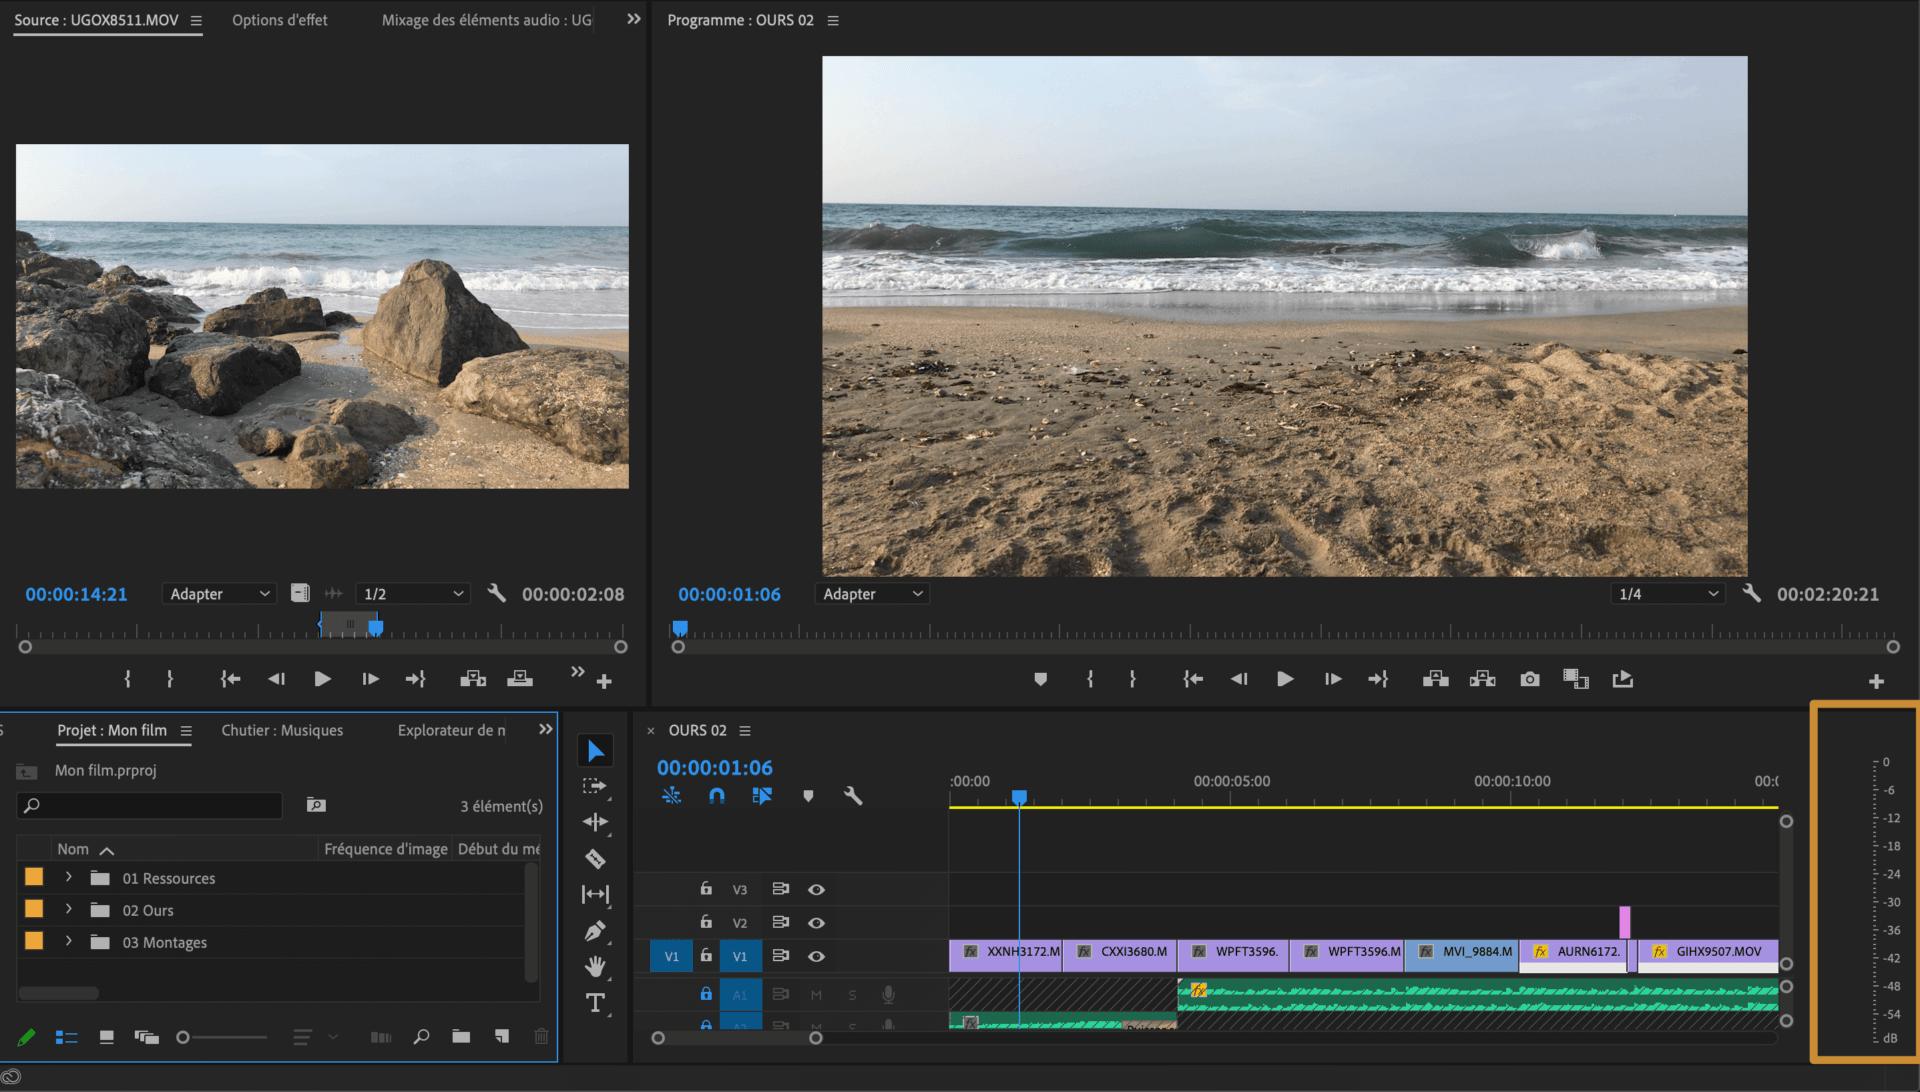 Comment faire une vidéo ? Espace de montage Vu mètre